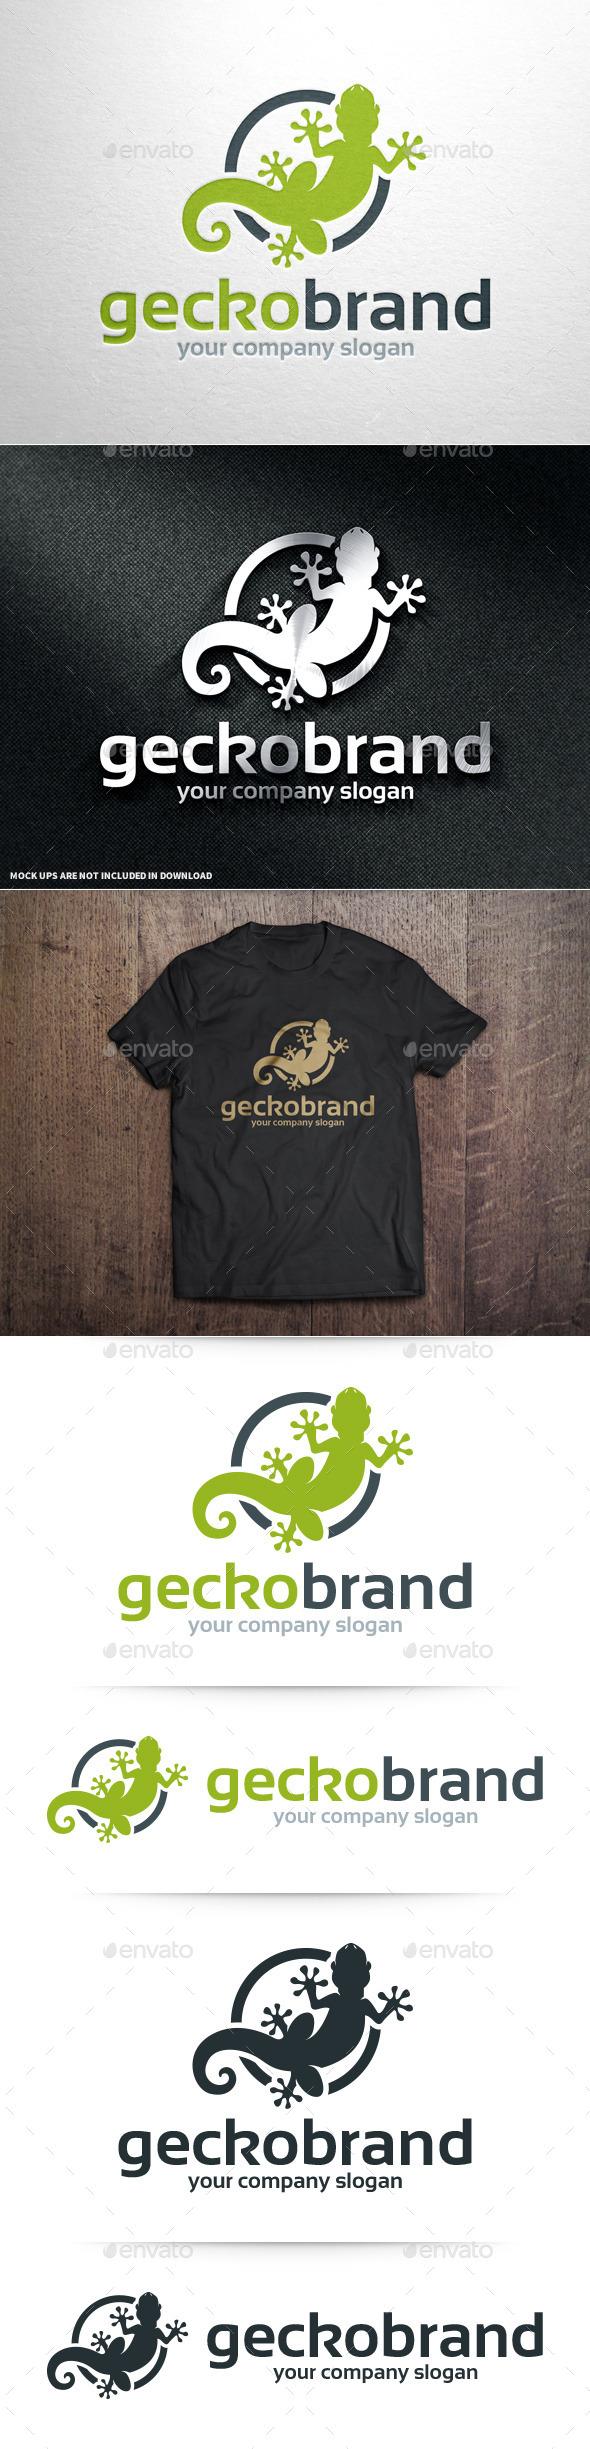 GraphicRiver Gecko Brand Logo Template 10963637